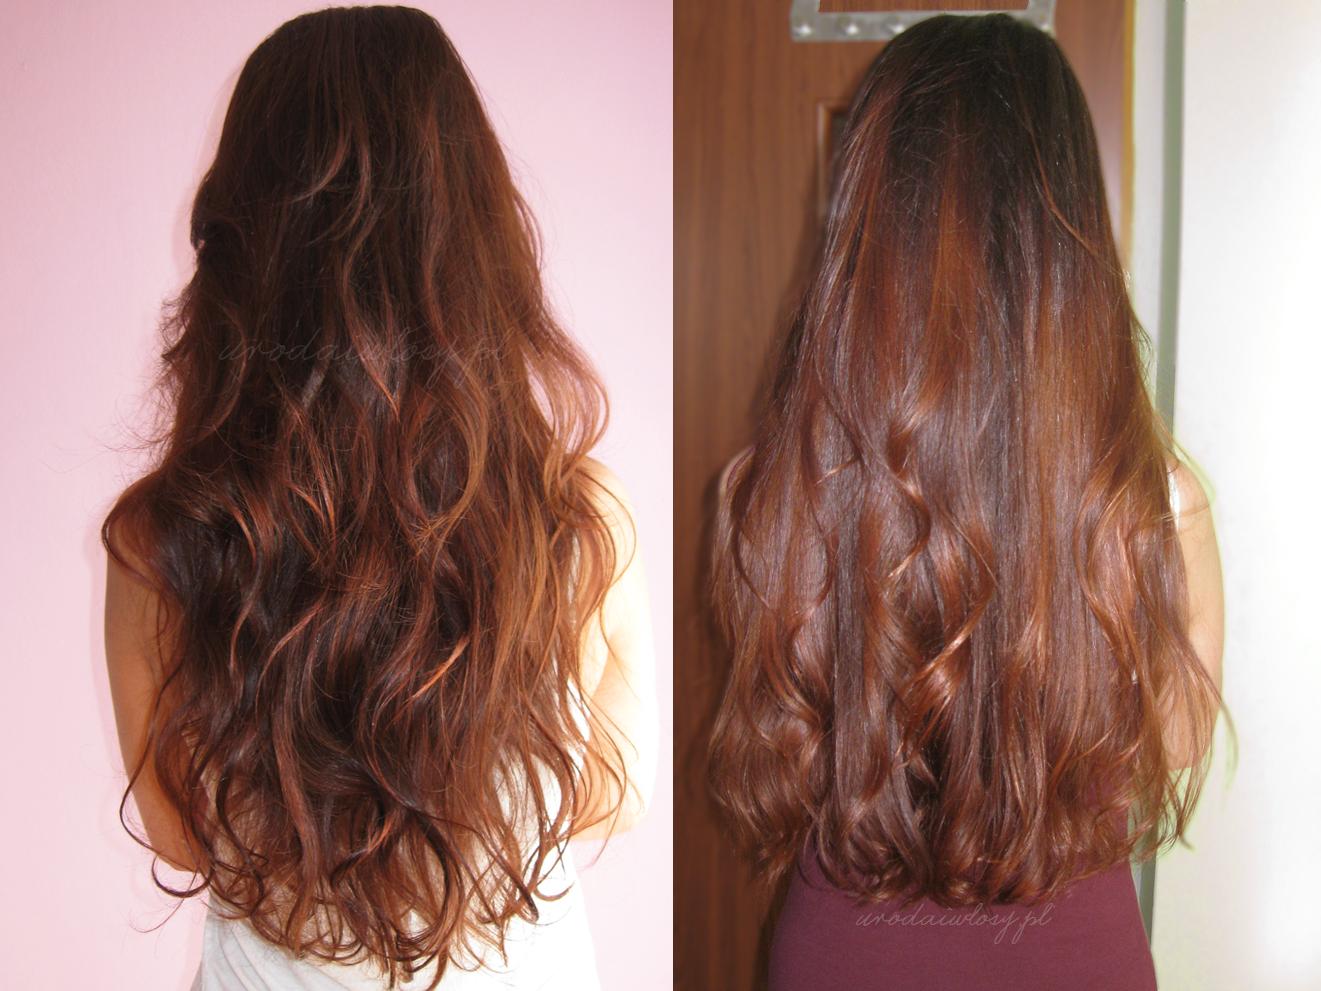 włosy cieniowane czy ścięte na prosto?